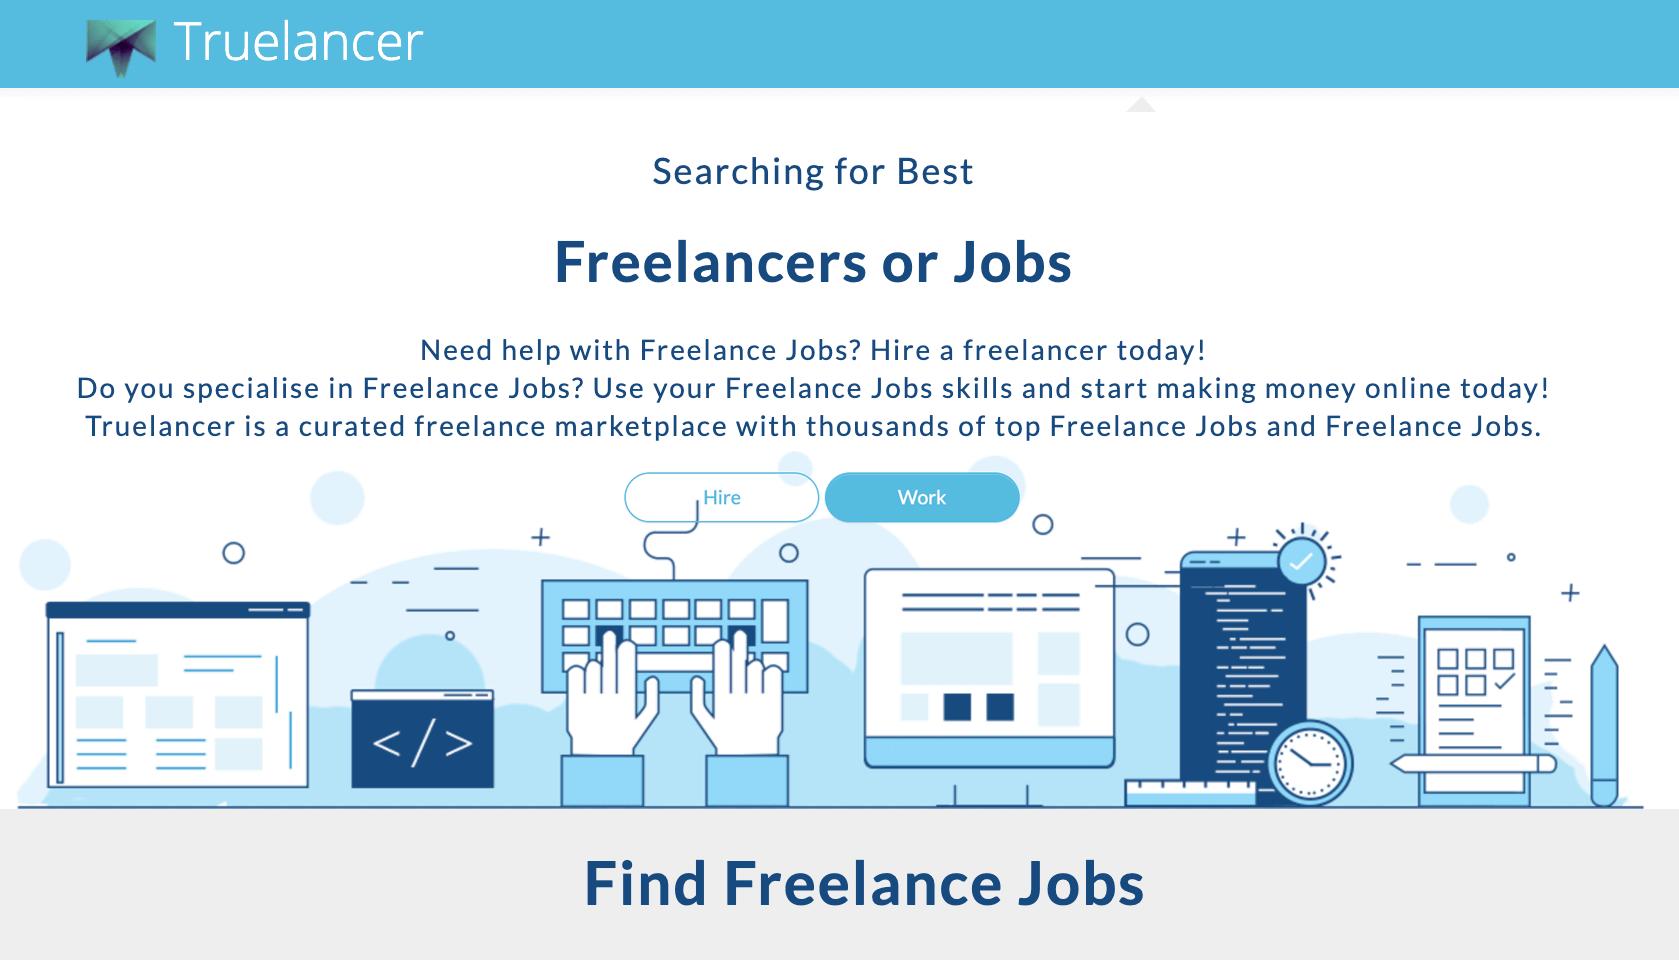 Truelancer - Find Freelance Jobs - best sites